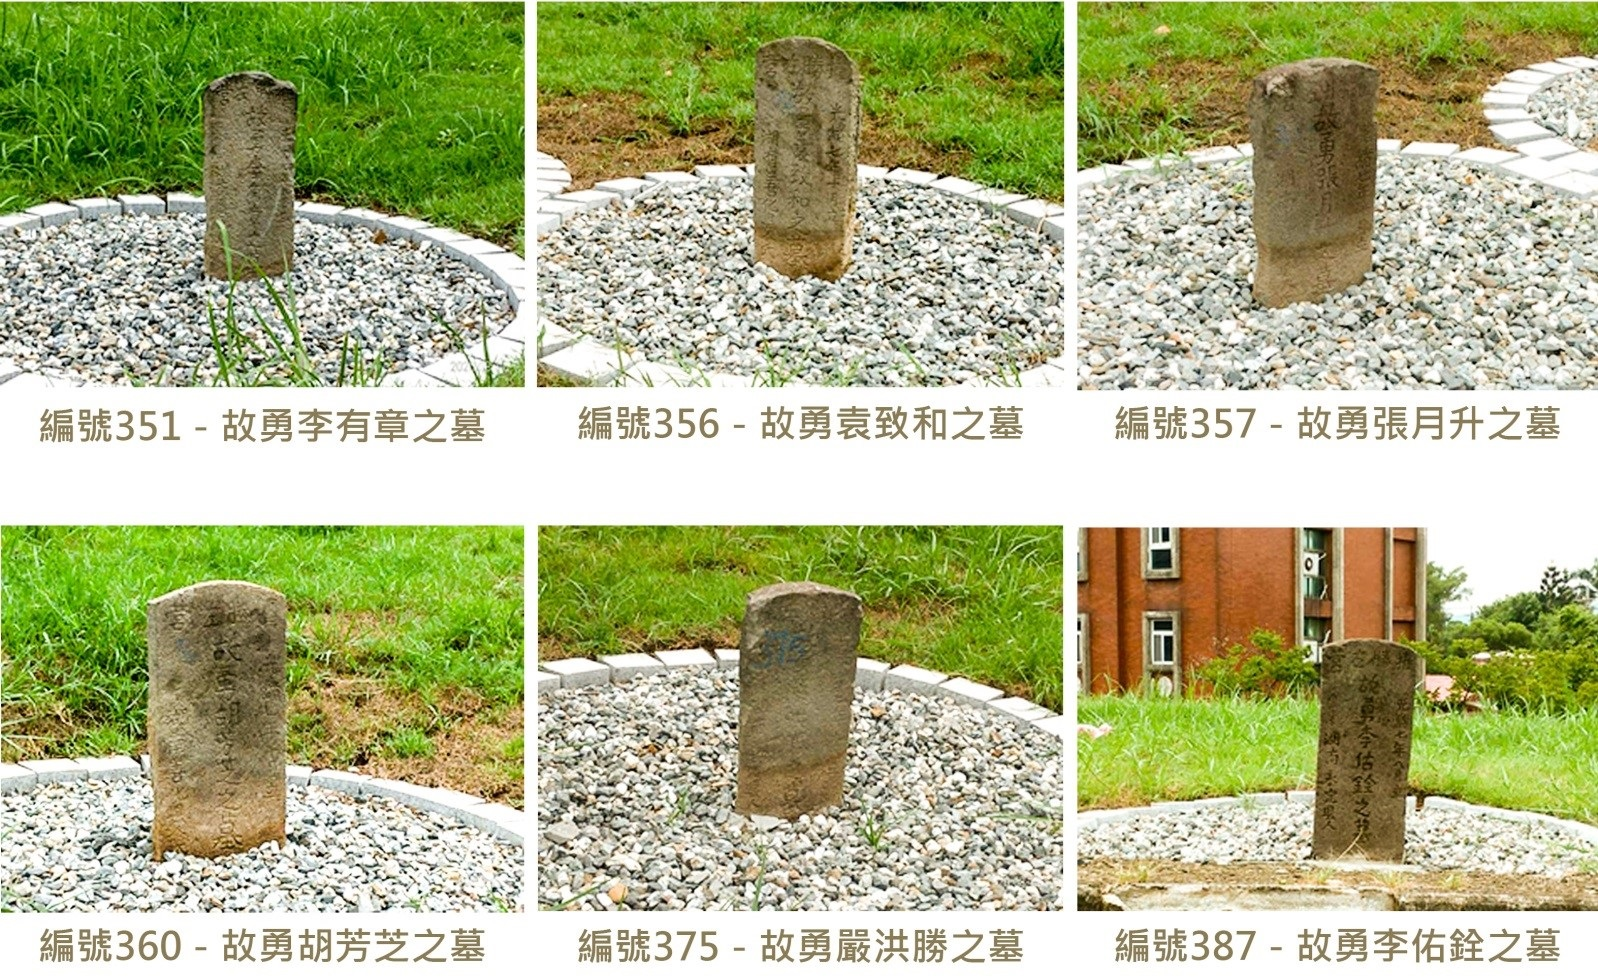 墓碑銘文實體照片